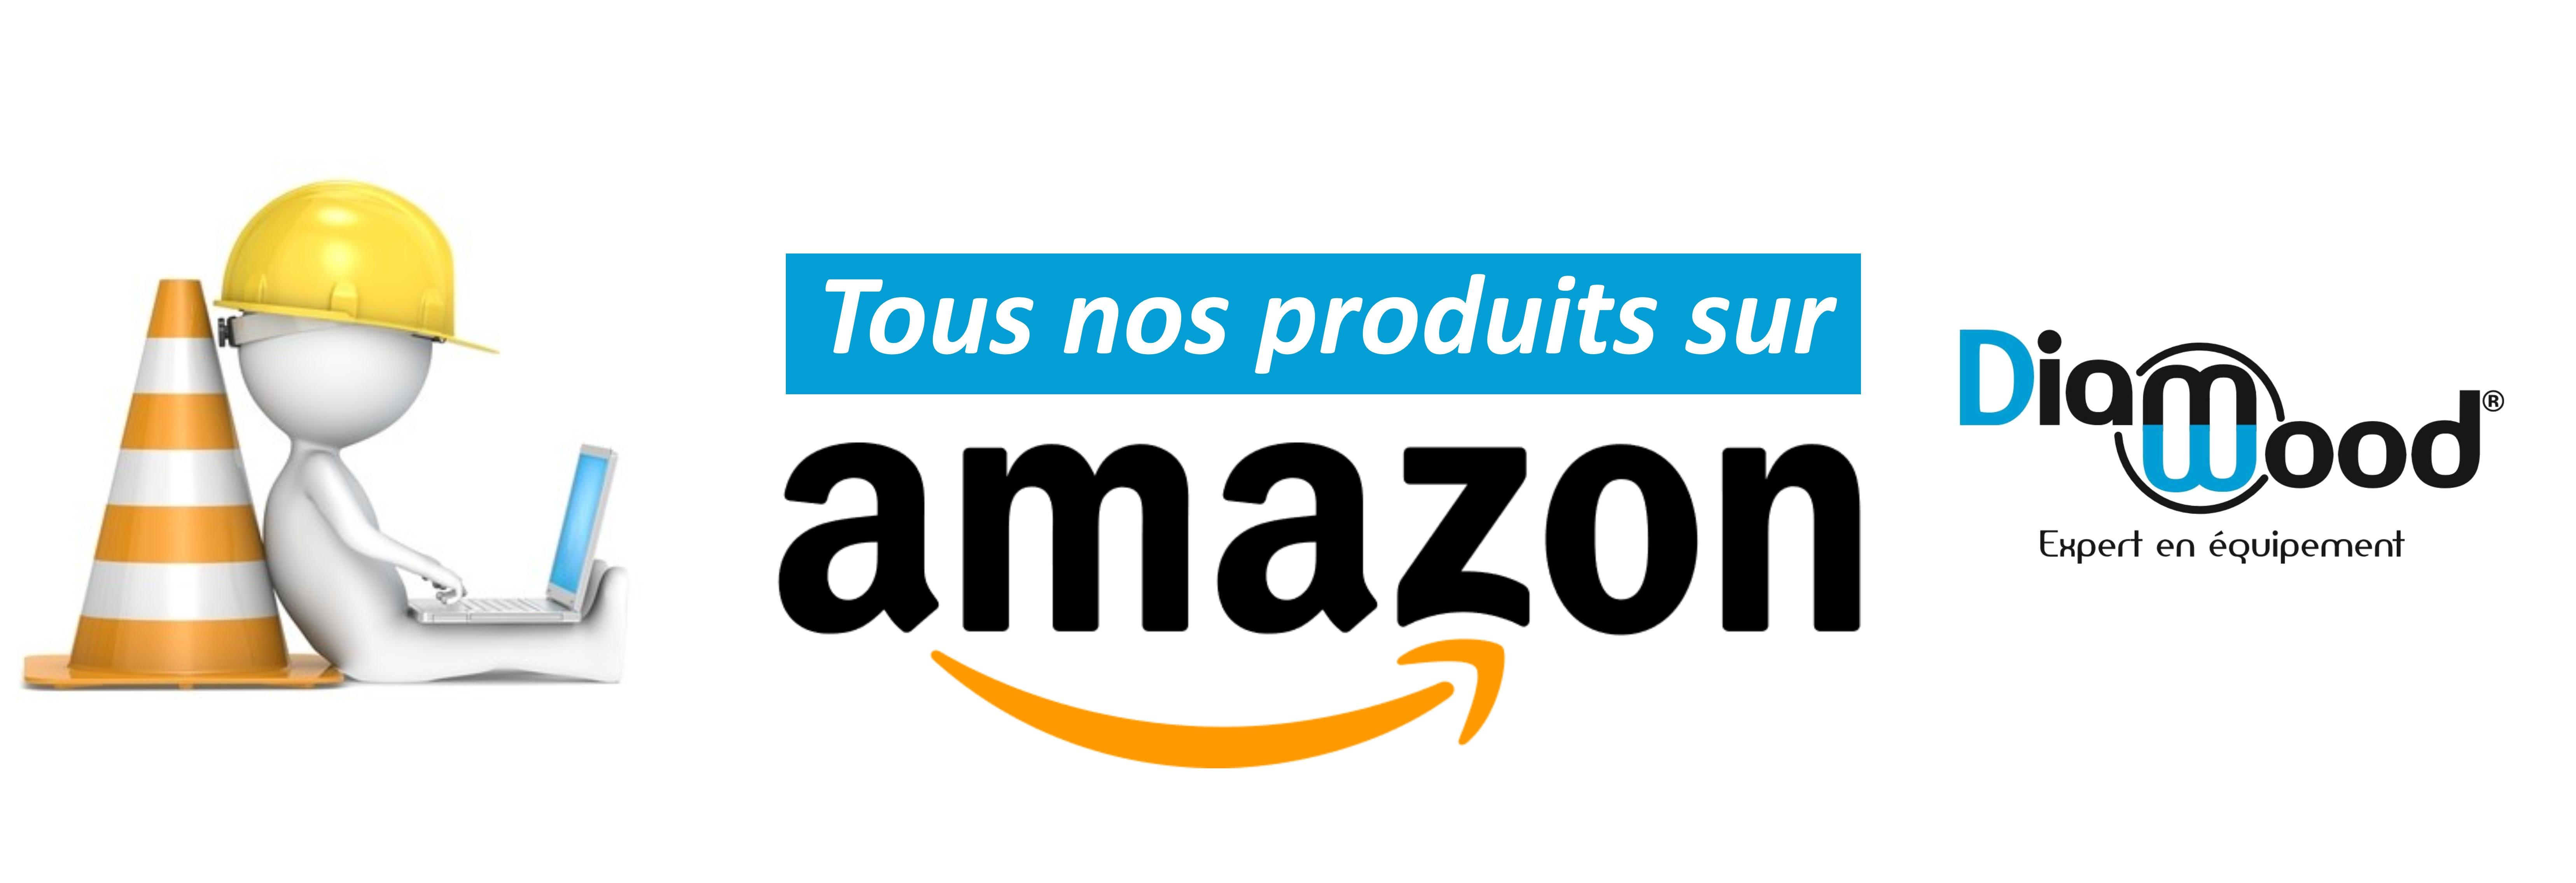 Achetez tous nos produits sur Amazon !